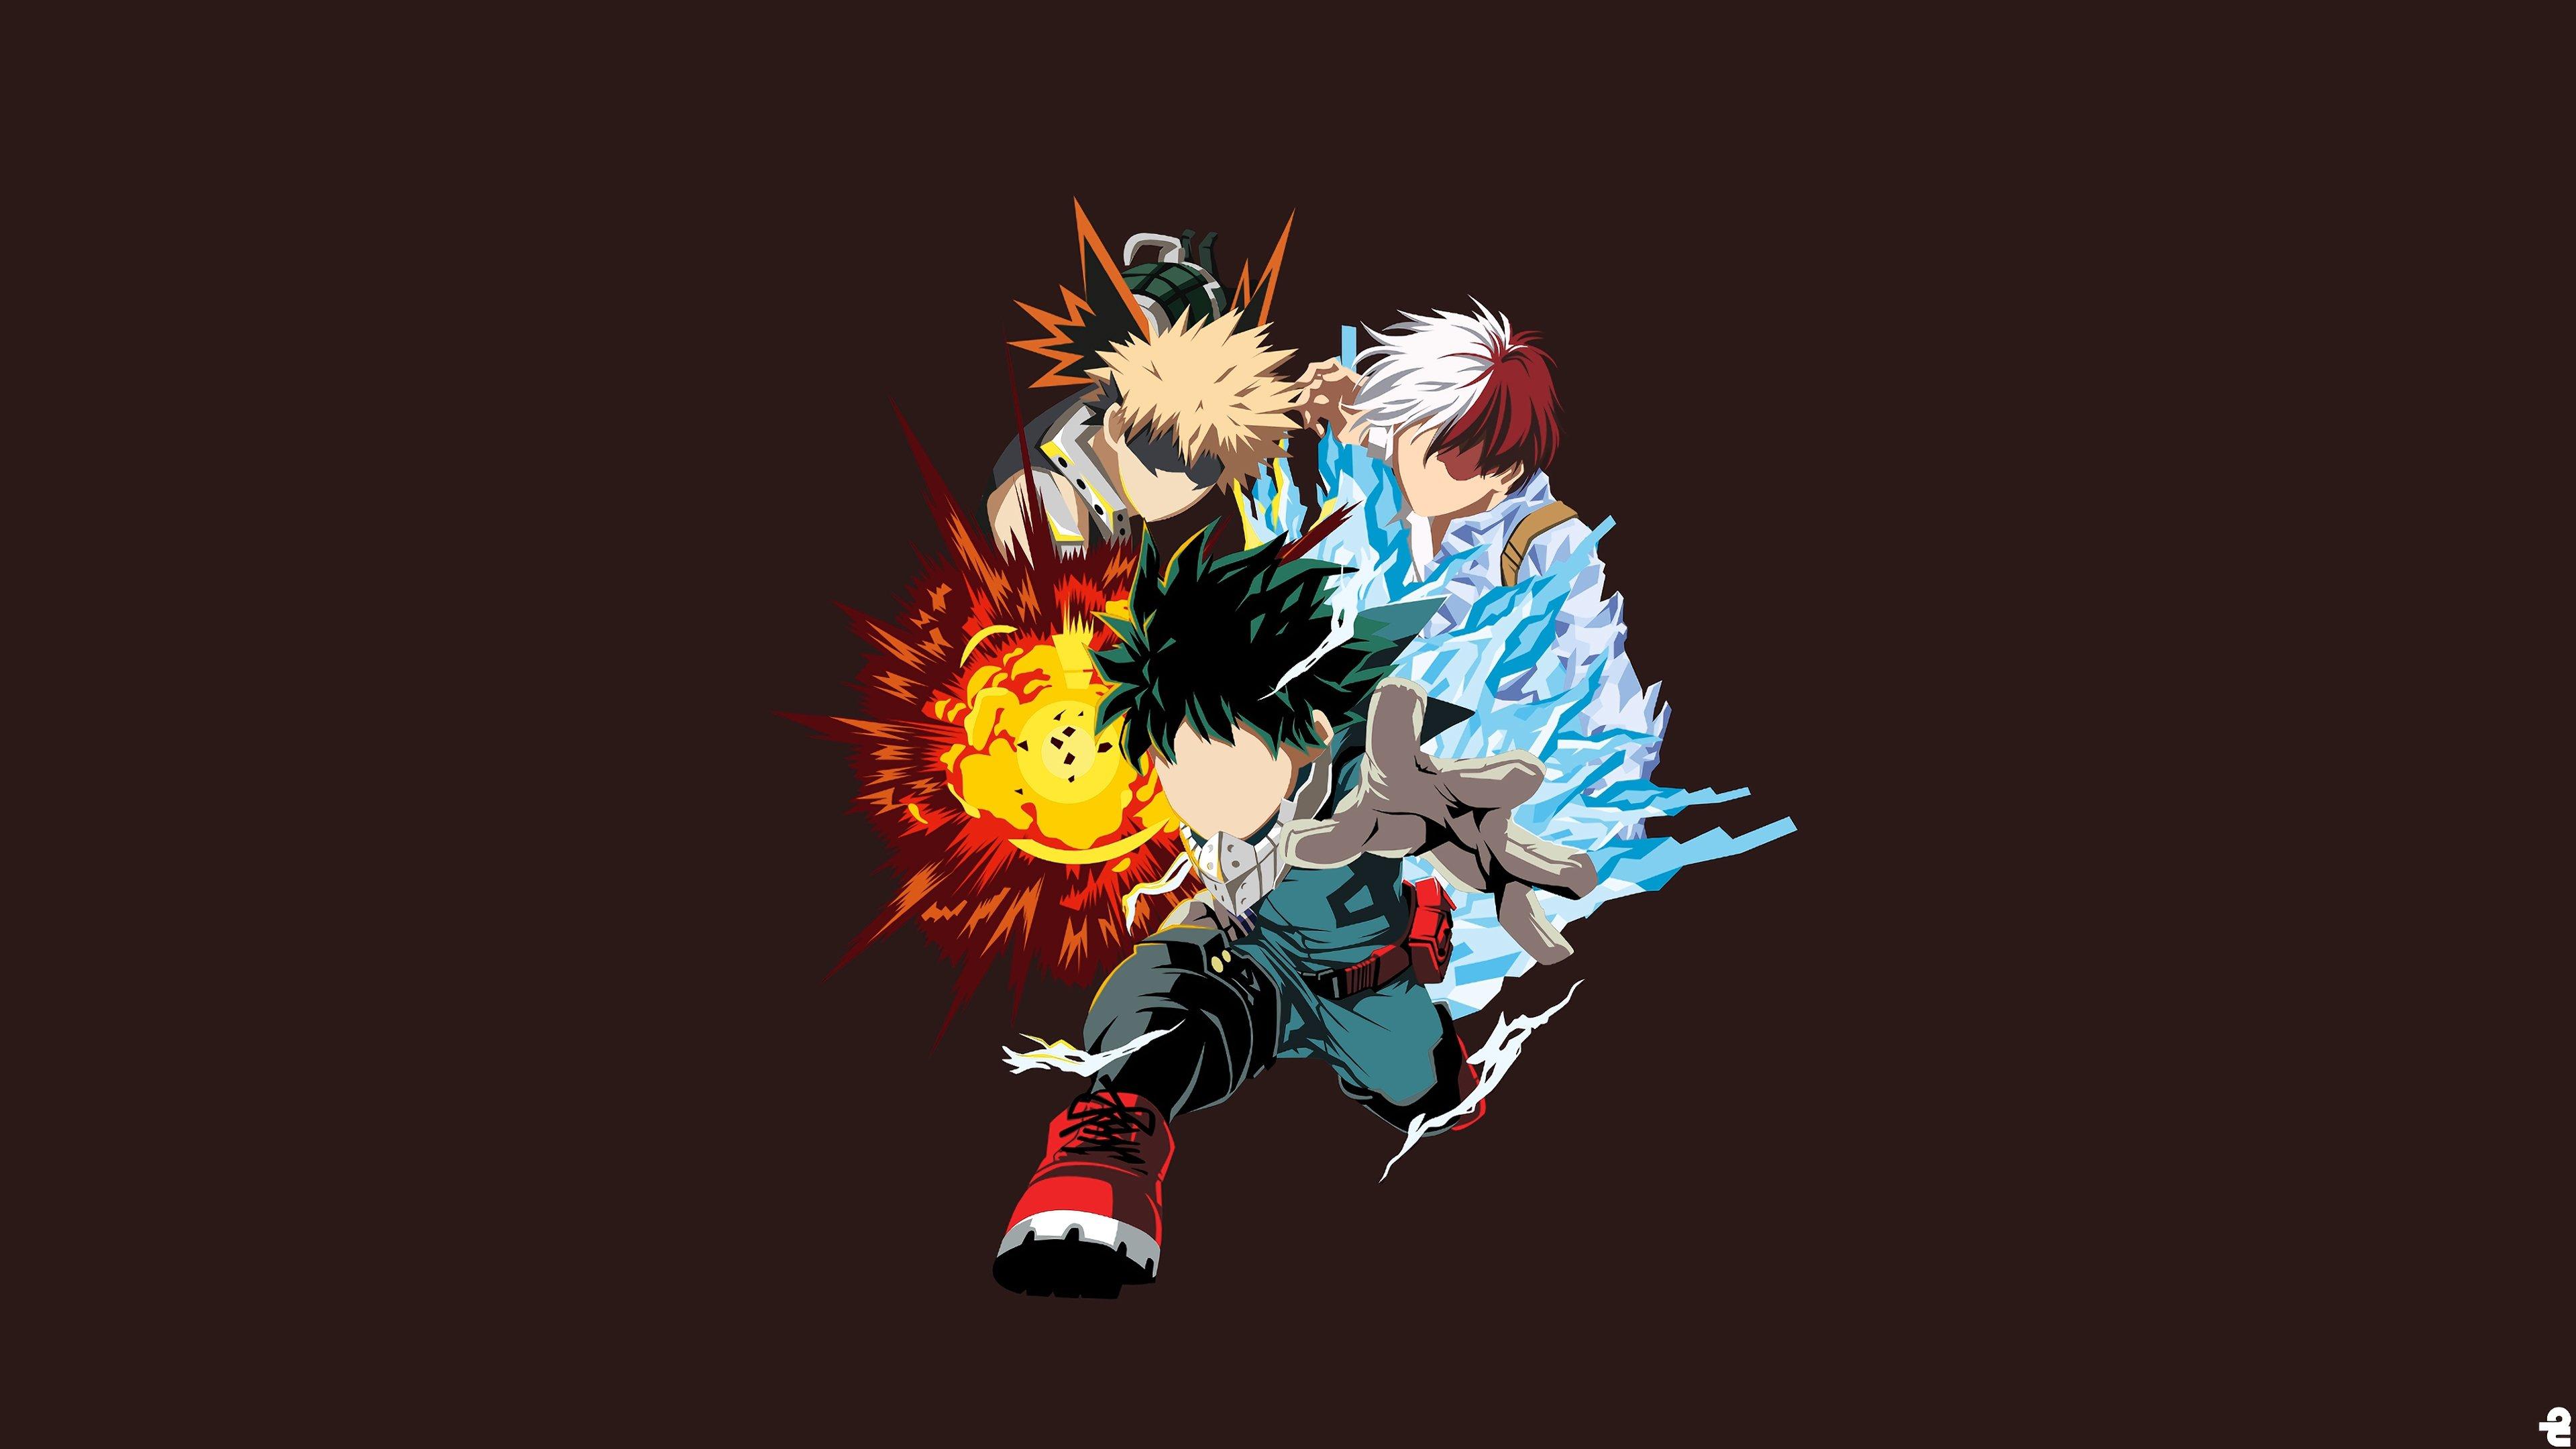 Fondos de pantalla Anime My Hero Academia Boku no Hero Academia